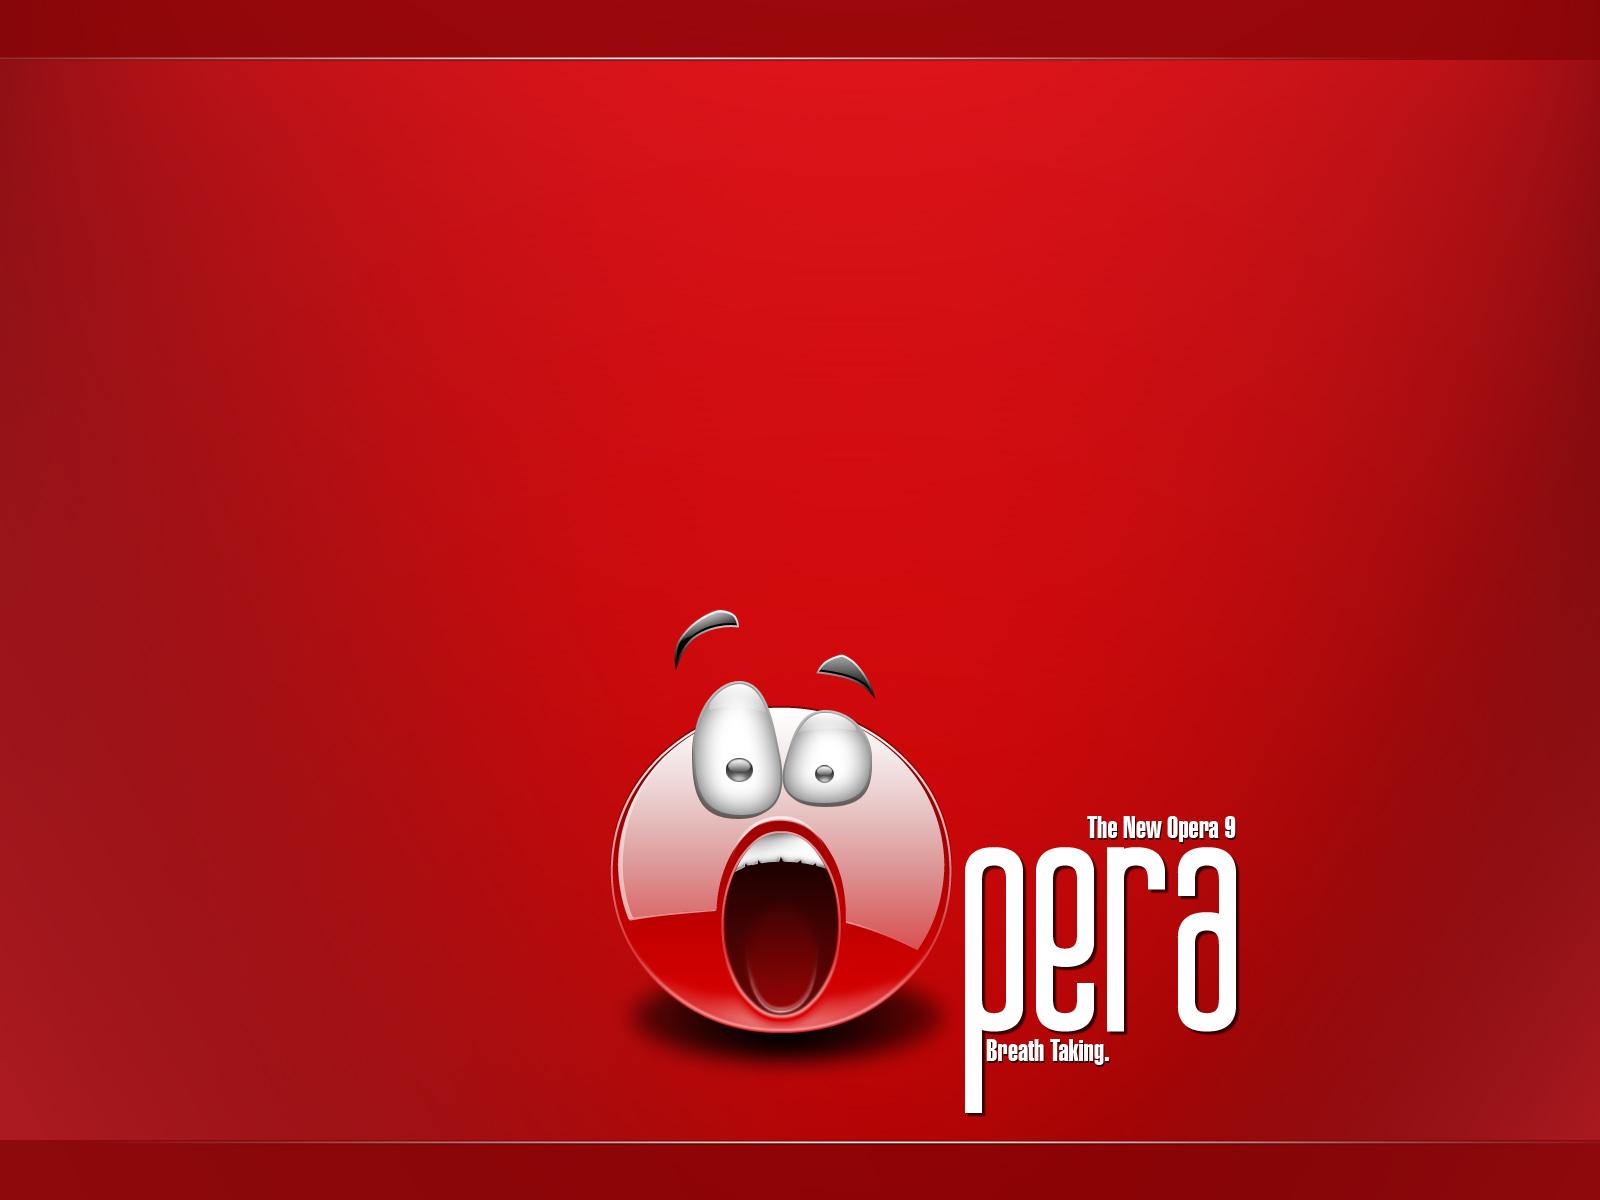 Скачать OGet 2.5.12 + 14 скриптов (под браузер Opera) бесплатно.